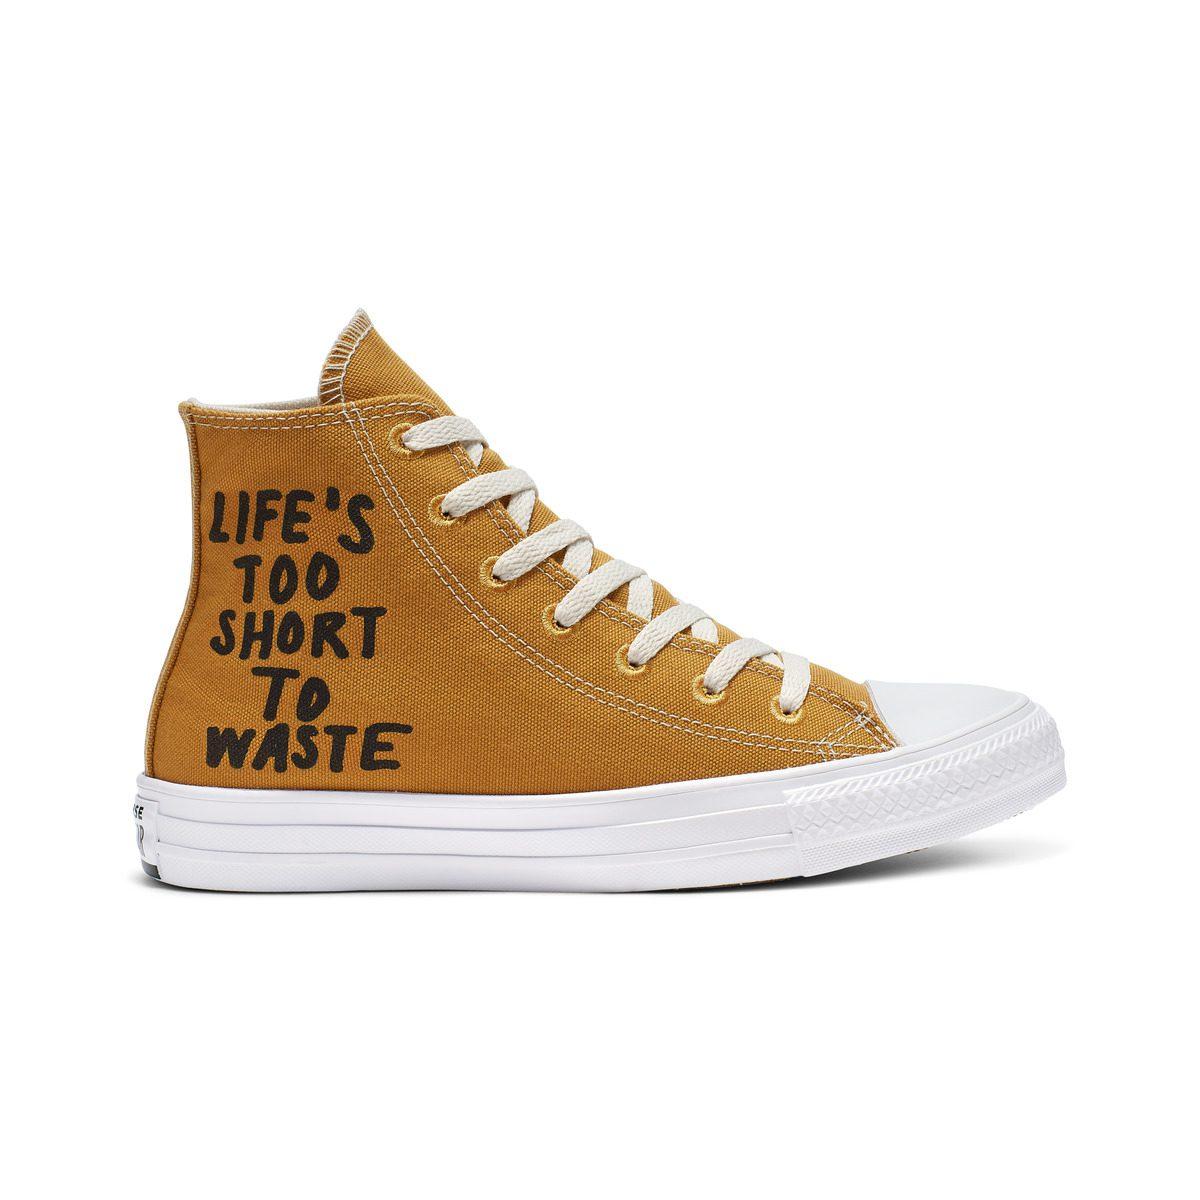 sneakers para el verano - converse